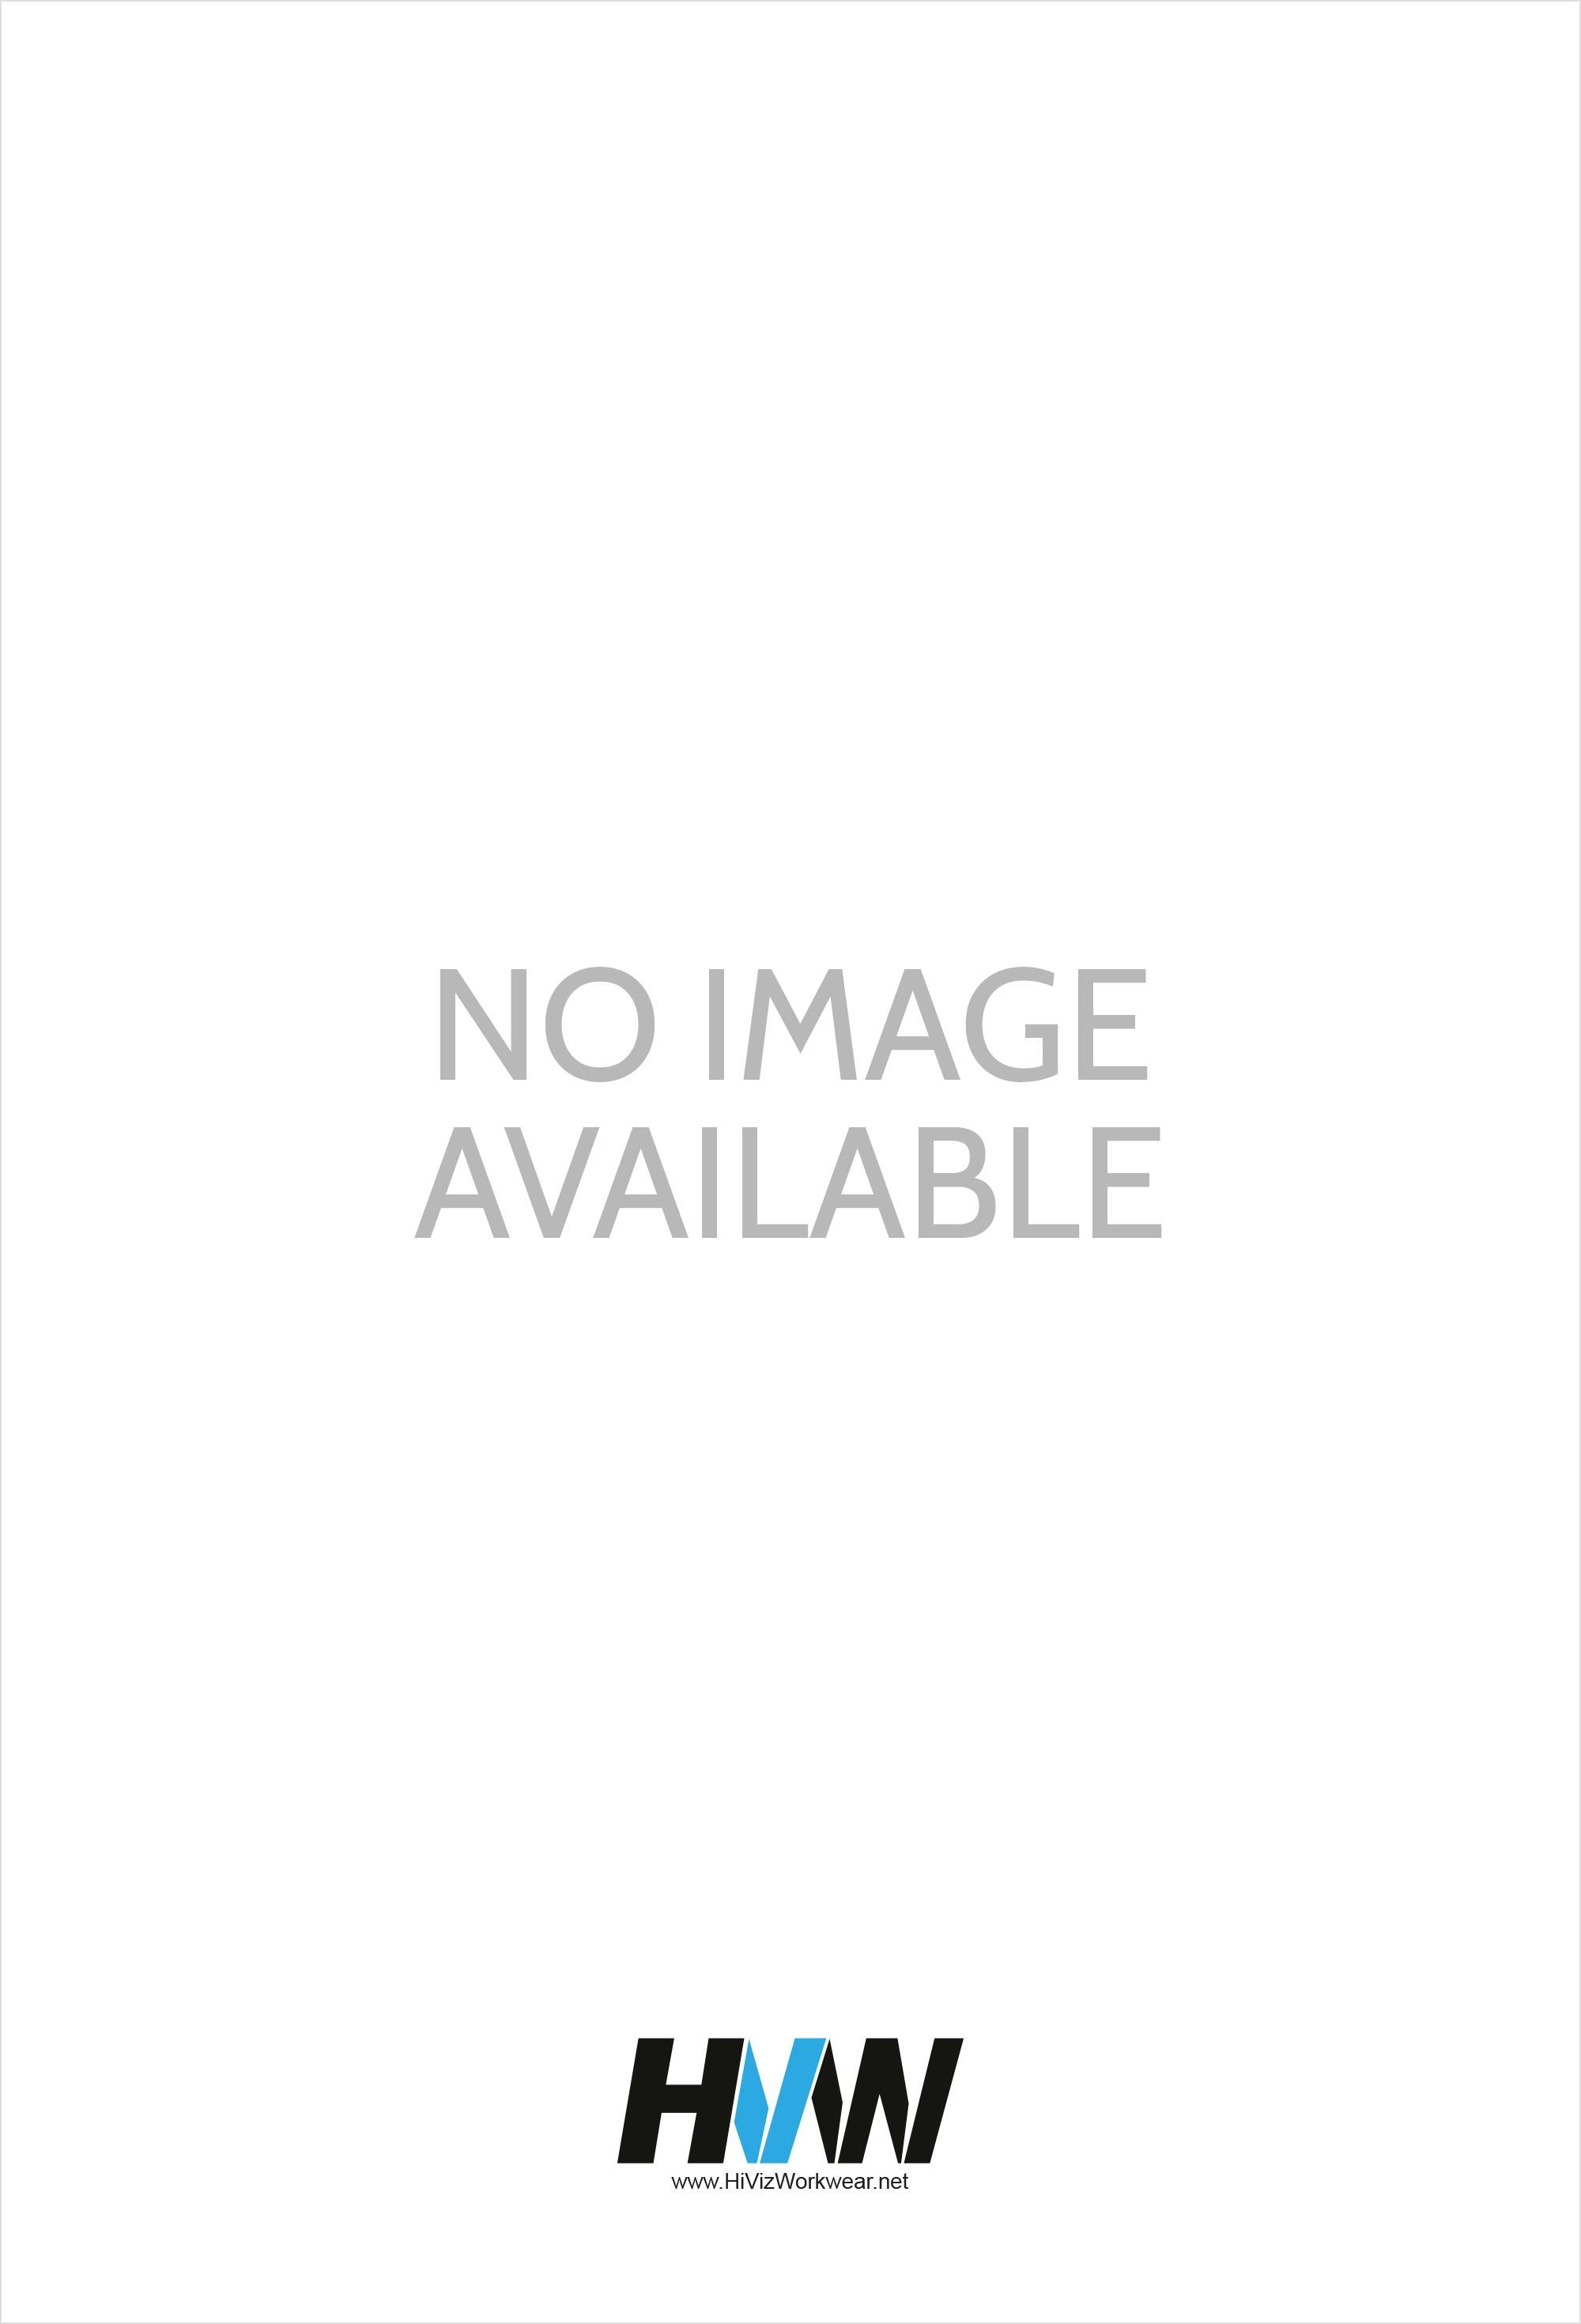 J262M Set-In-Sleeve Sweatshirt